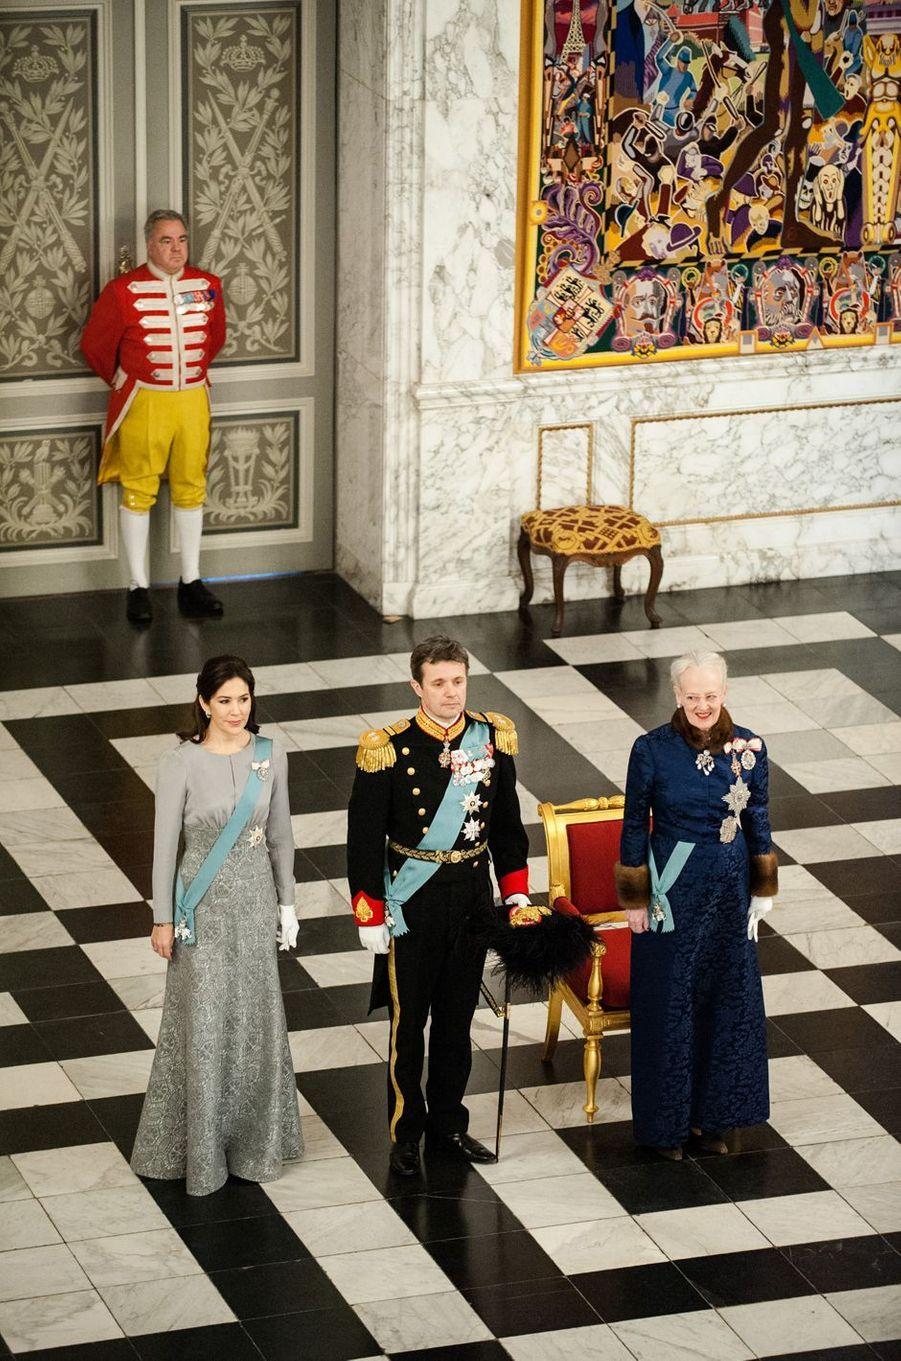 La plus cérémoniale – Ce mardi 3 janvier, la princesse Mary de Danemark et son époux le prince héritier Frederik étaient aux côtés de la reine Margrethe II pour la traditionnelle réception des diplomates.